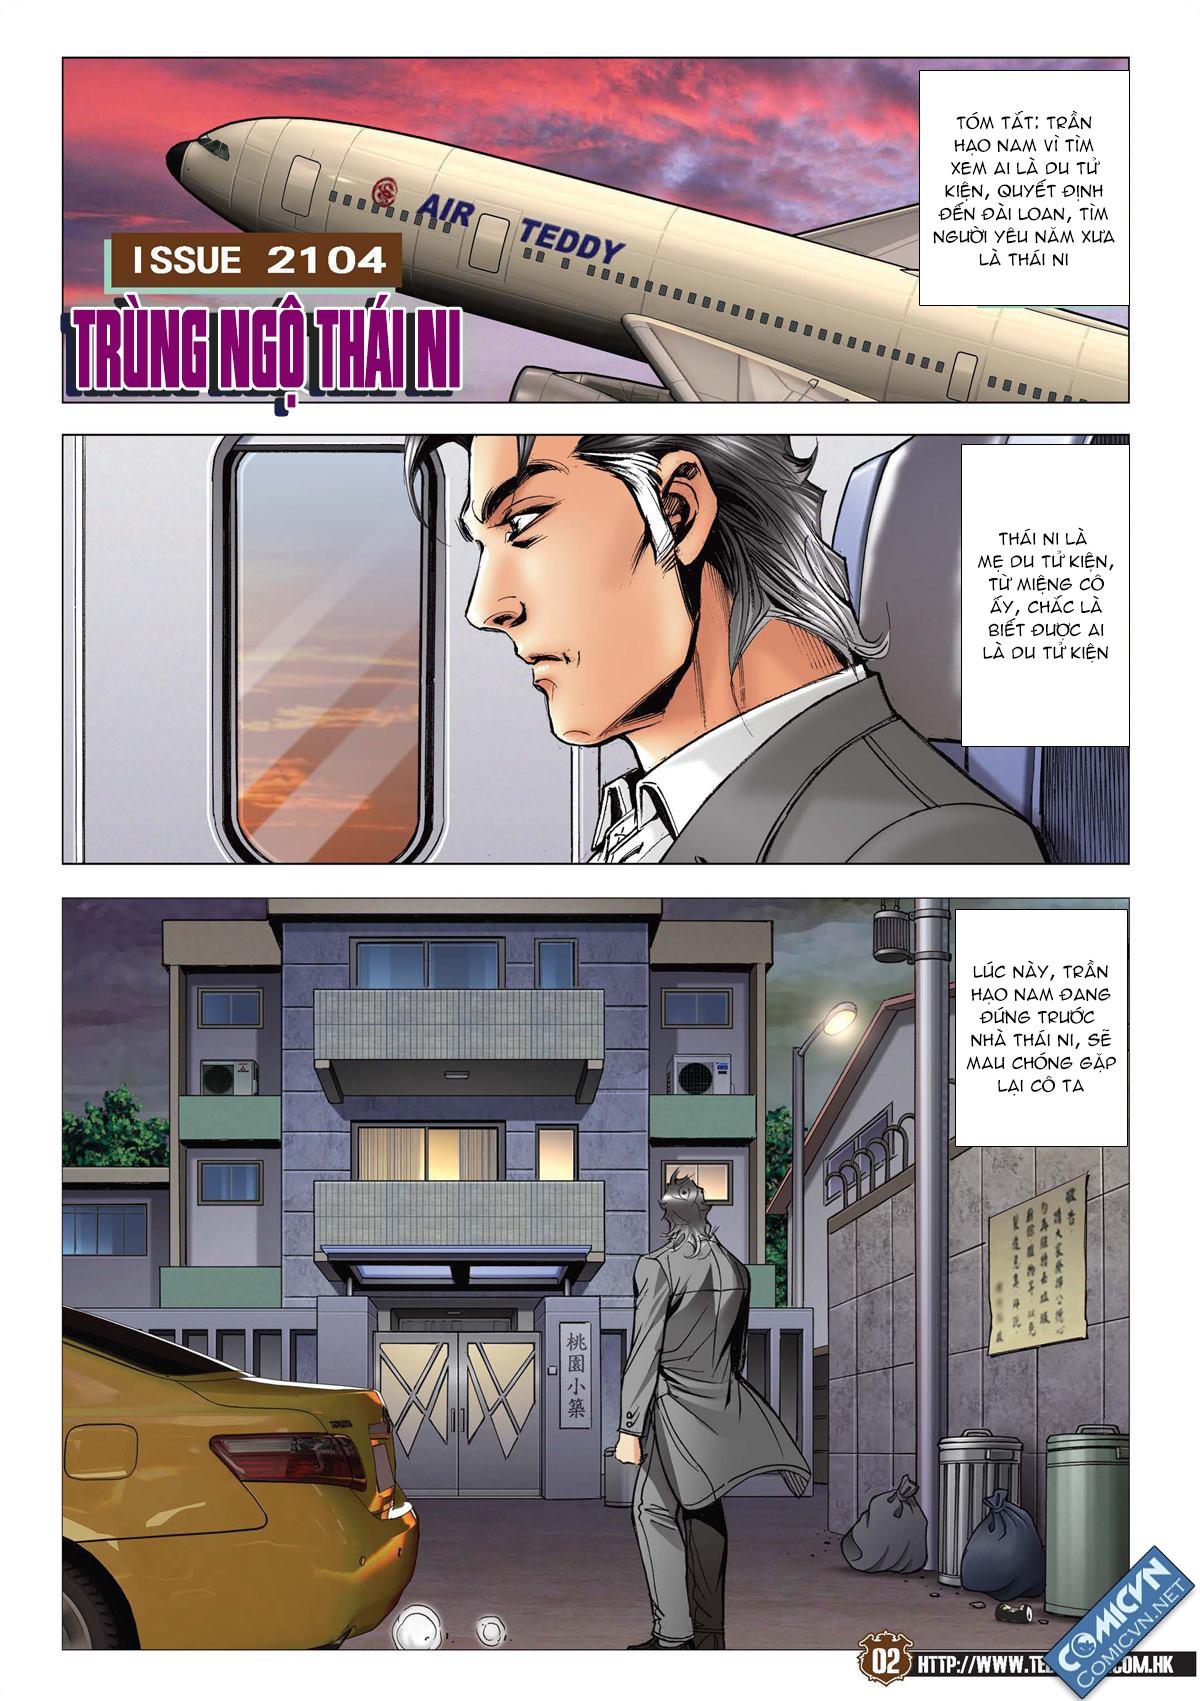 Người Trong Giang Hồ chap 2104 - Trang 2